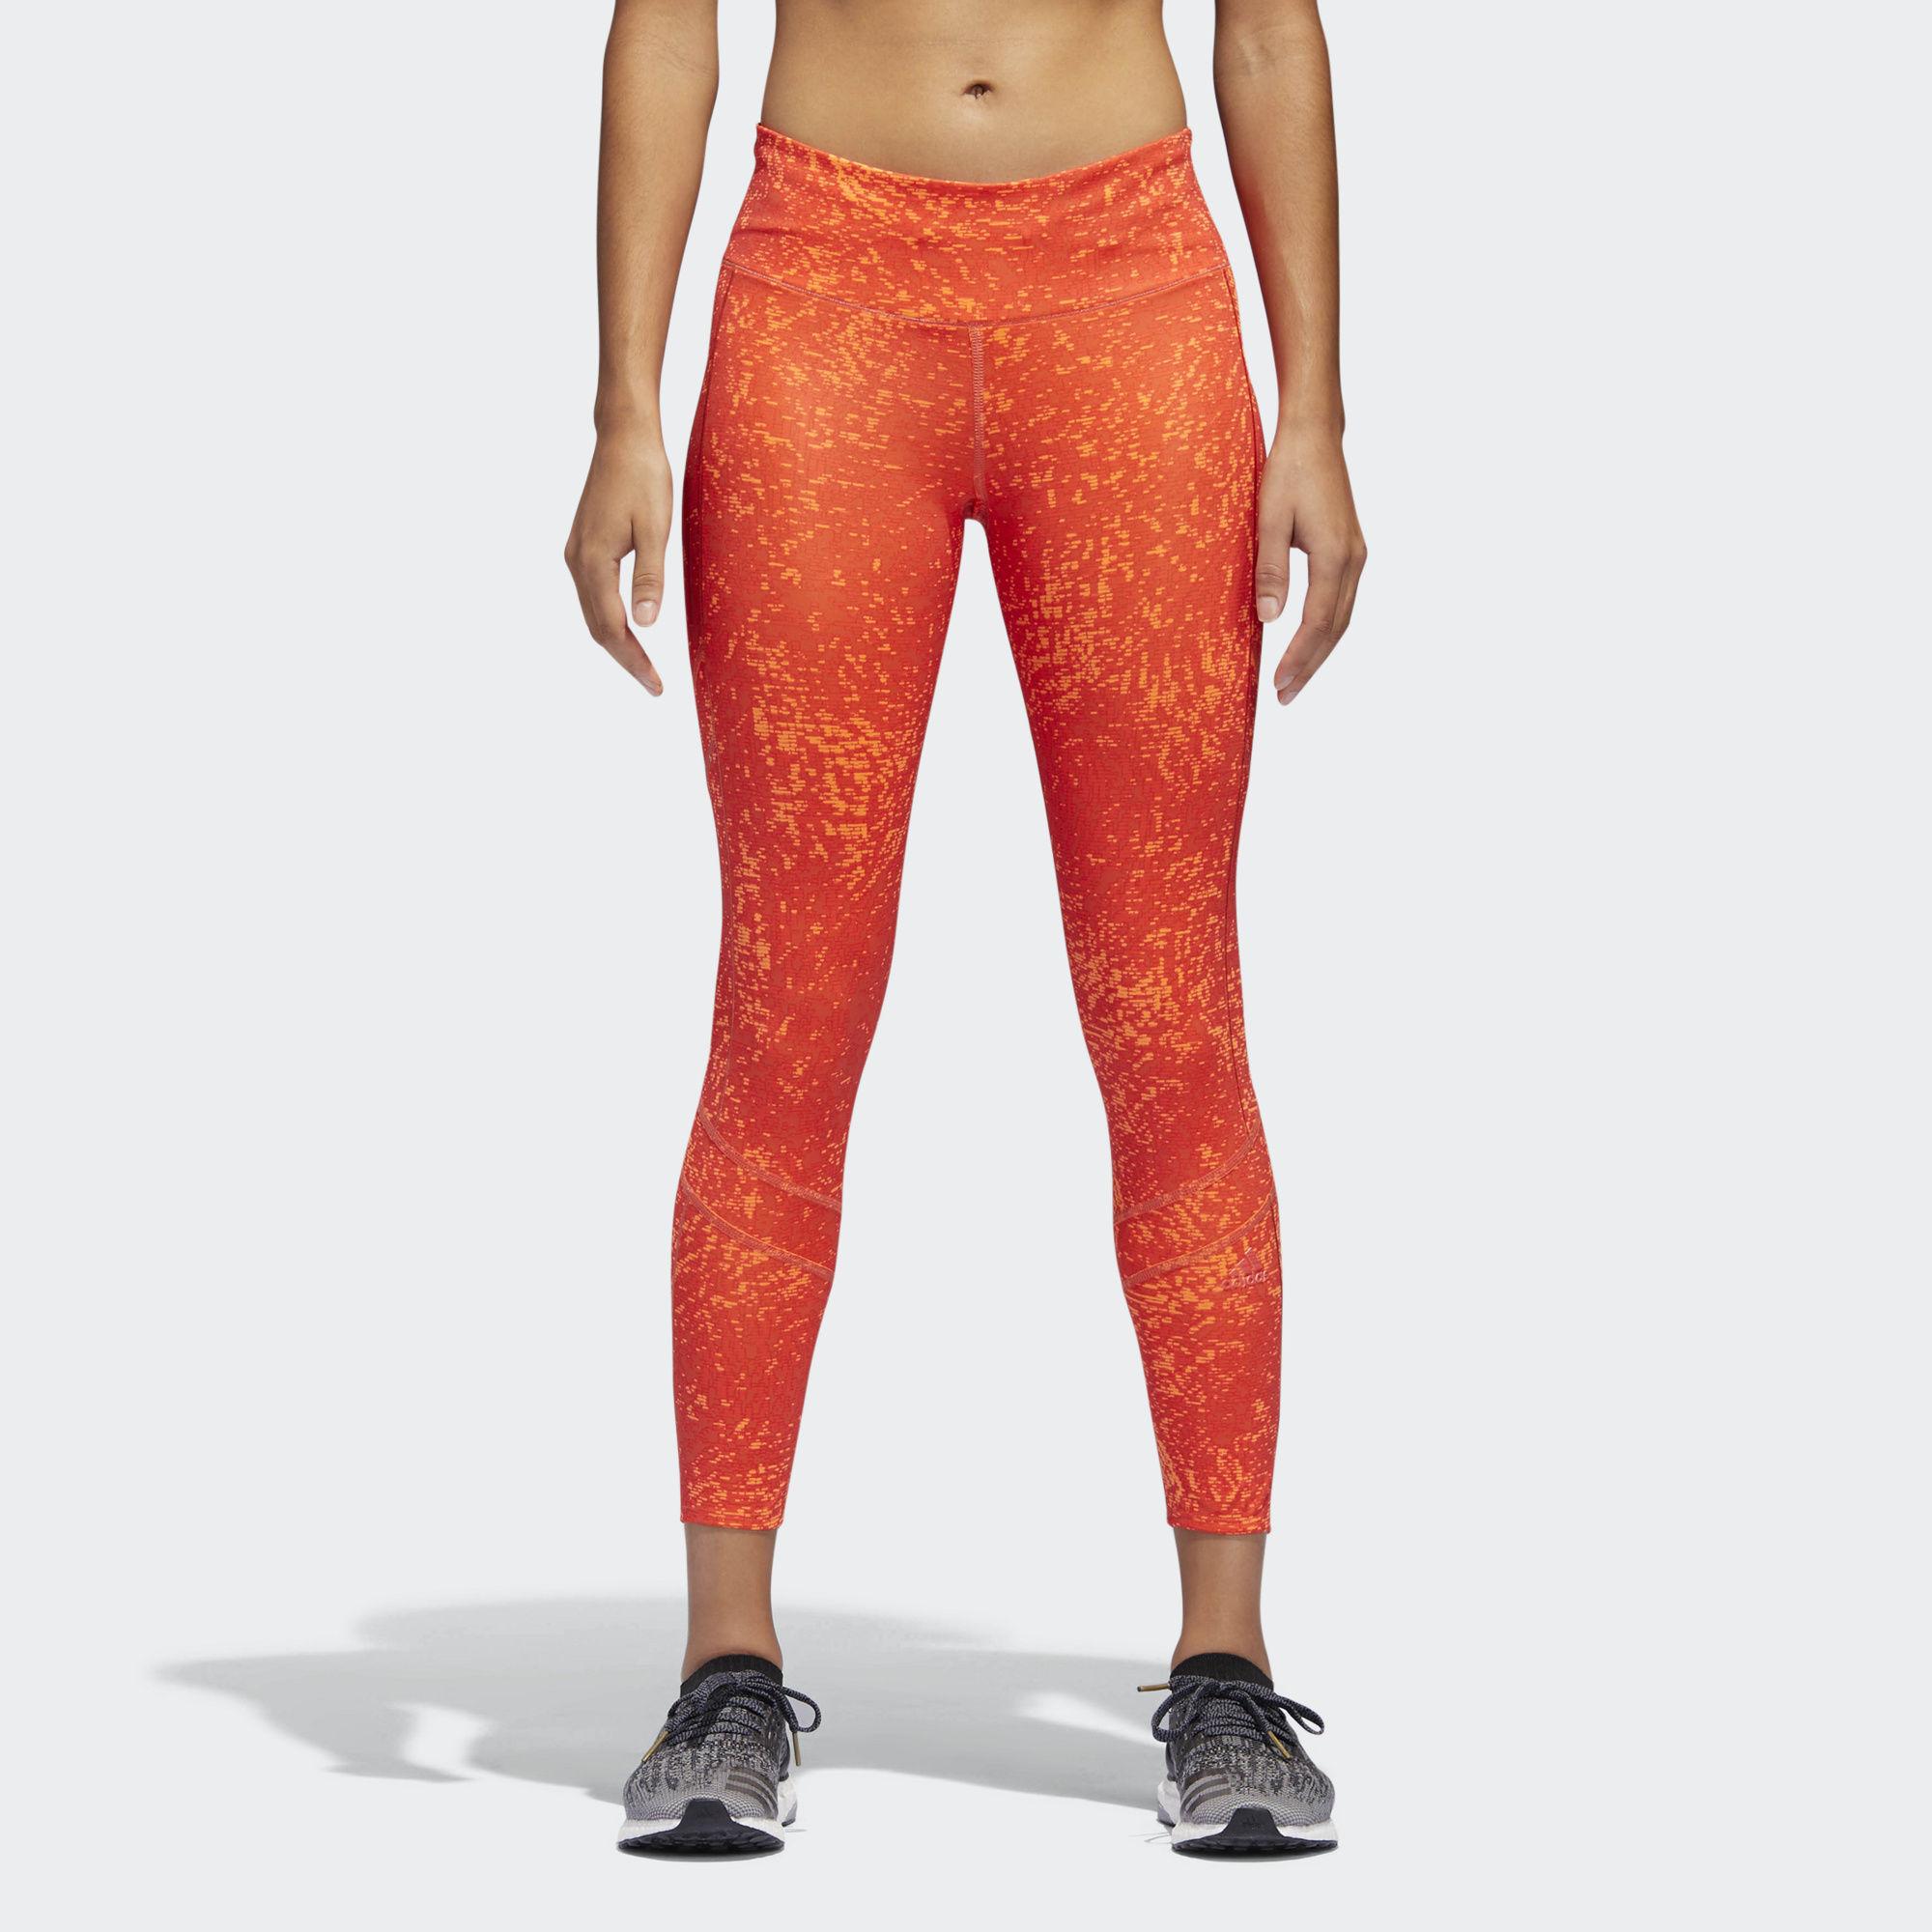 Женские беговые тайтсы от adidas выполнены эластичного полиэстера. Материал отводит излишки тепла от кожи, обеспечивая отличную вентиляцию в самые напряженные моменты тренировки. Плоские швы снижают риск раздражения кожи. Облегающий крой создает современный образ.